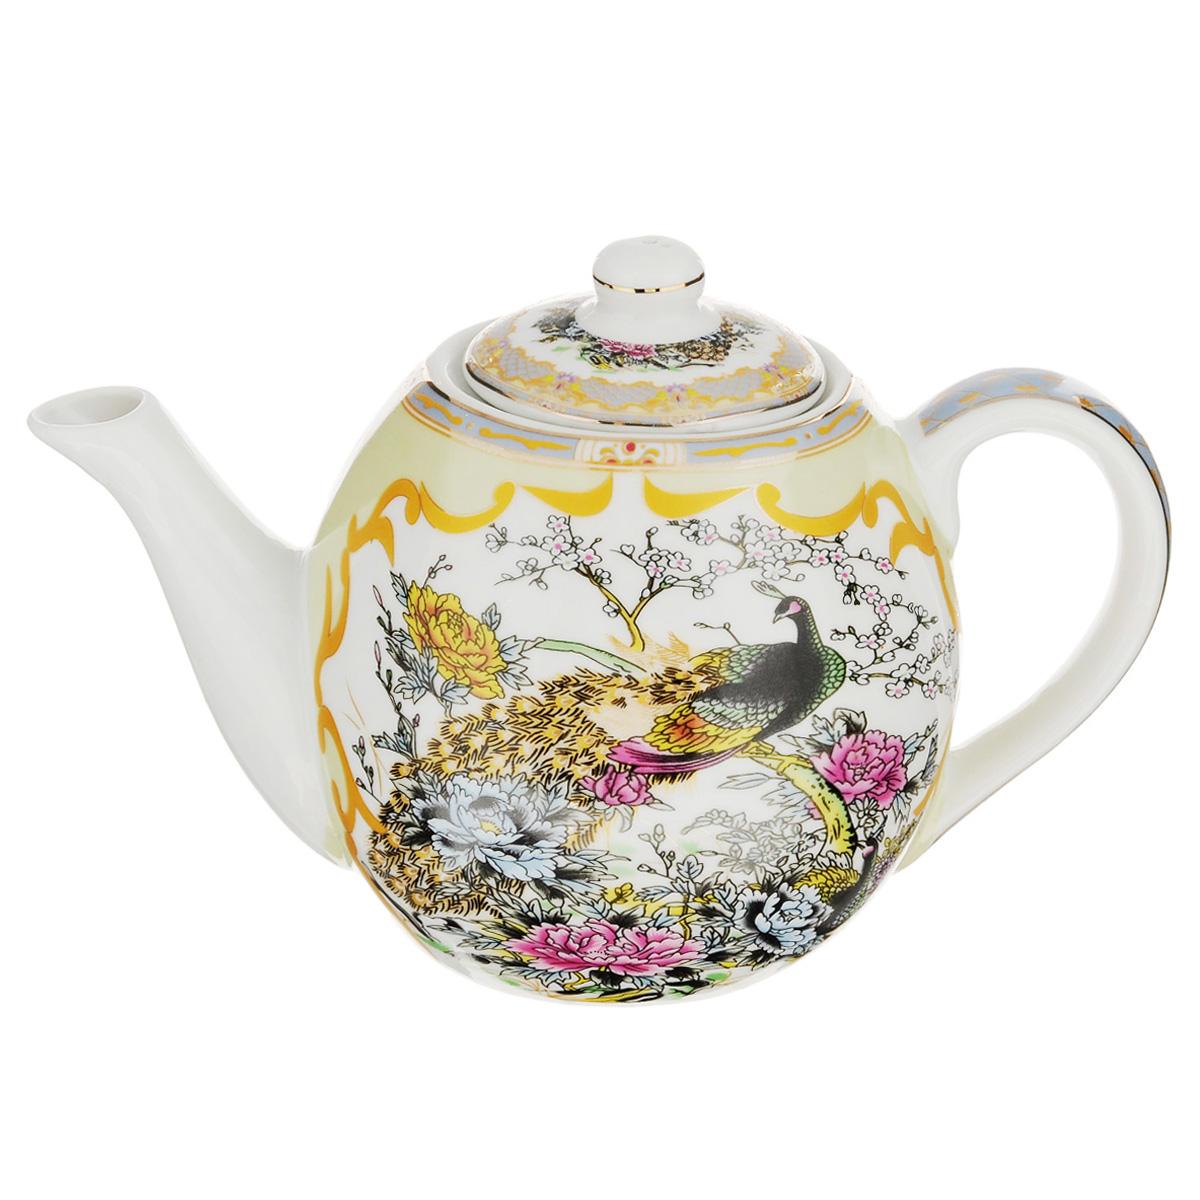 Чайник заварочный Saguro Павлин, 650 мл543-289Заварочный чайник Saguro Павлин изготовлен из высококачественного фарфора и покрыт слоем сверкающей глазури. Посуда оформлена изысканным изображением павлина в саду и эмалью золотистого цвета. Такой чайник прекрасно дополнит сервировку стола к чаепитию и станет его неизменным атрибутом. Не использовать в микроволновой печи. Объем: 650 мл. Диаметр (по верхнему краю): 7 см. Высота стенки (без учета крышки): 10 см.